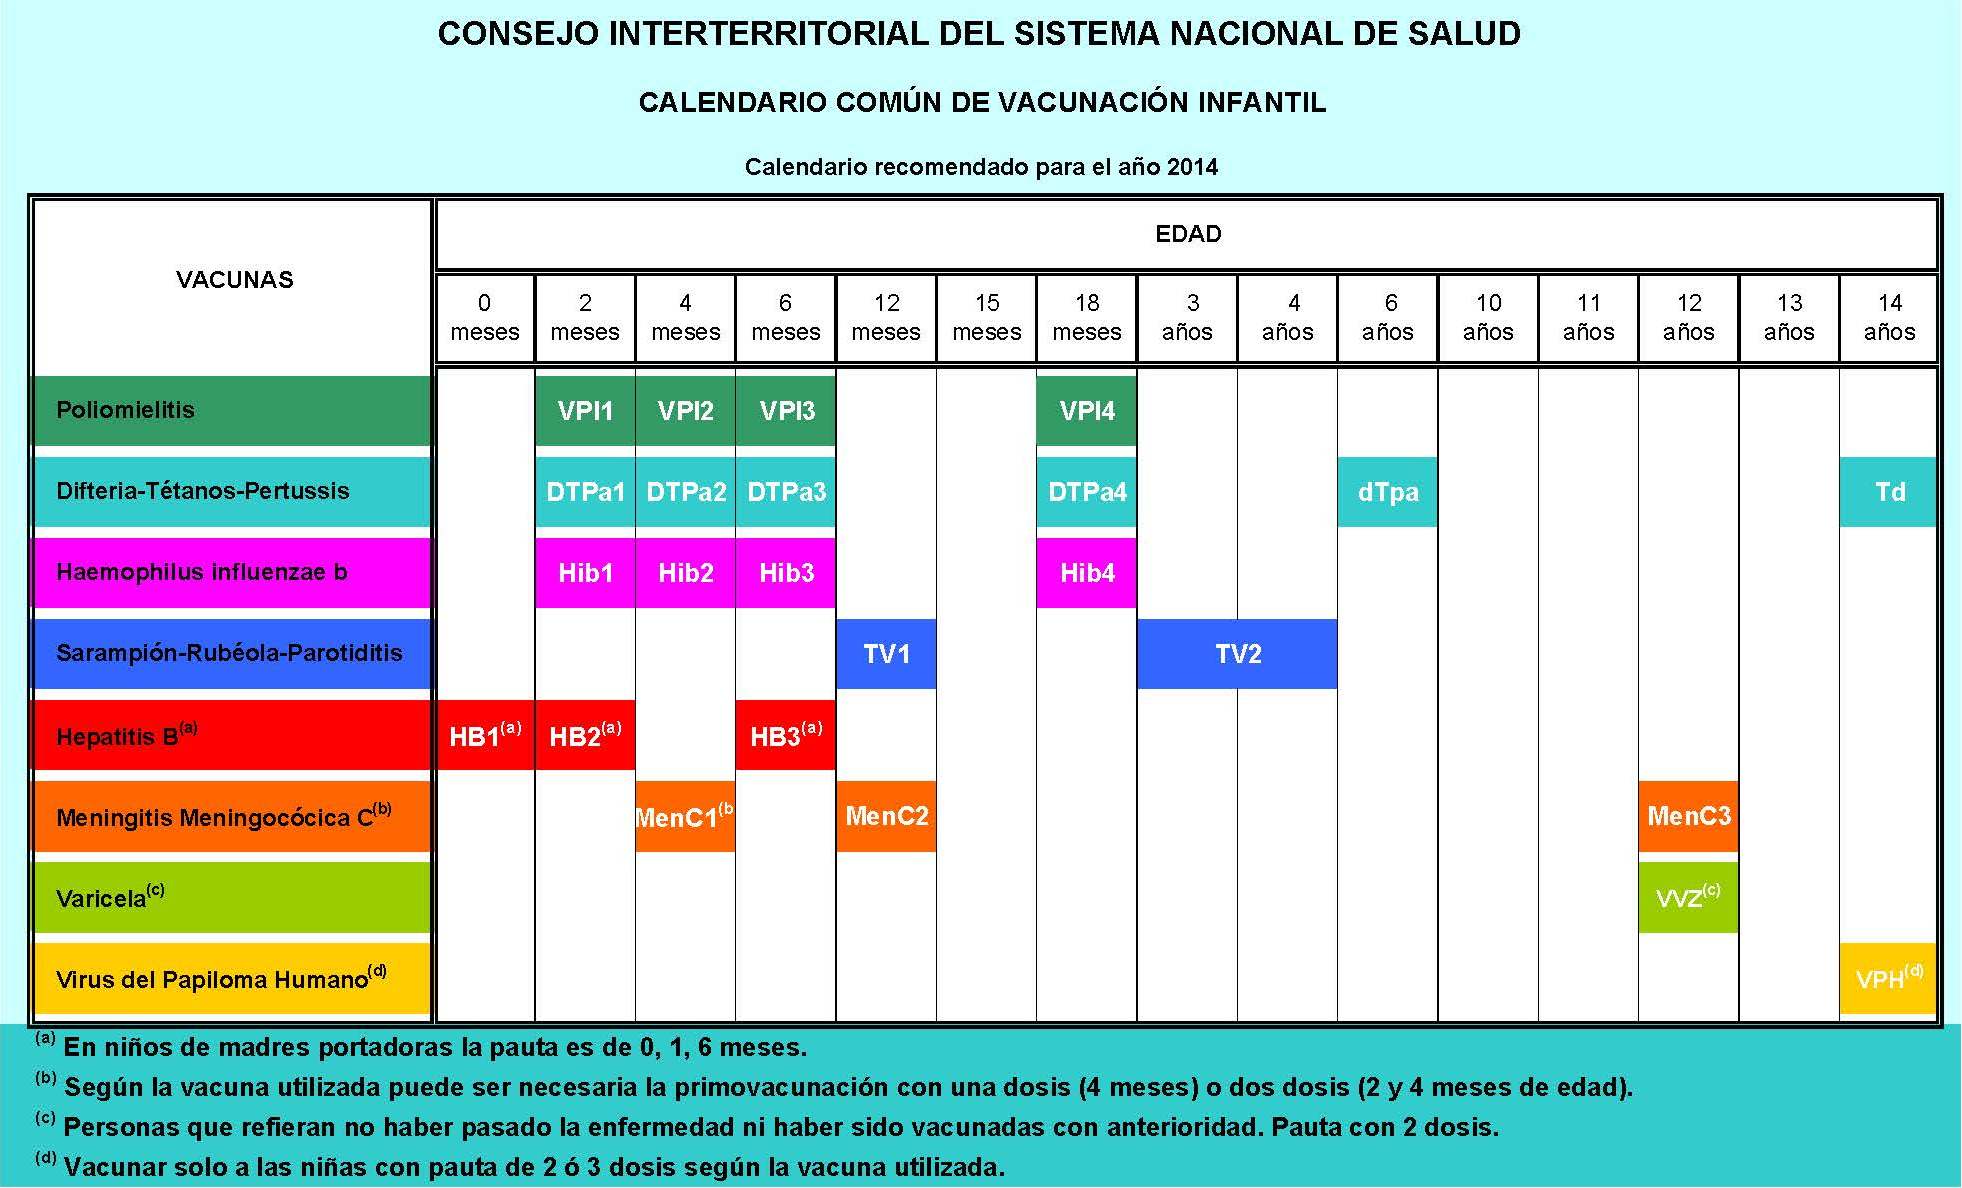 File:Calendario común de vacunación infantil. España 2014.png - Wikimedia Commons